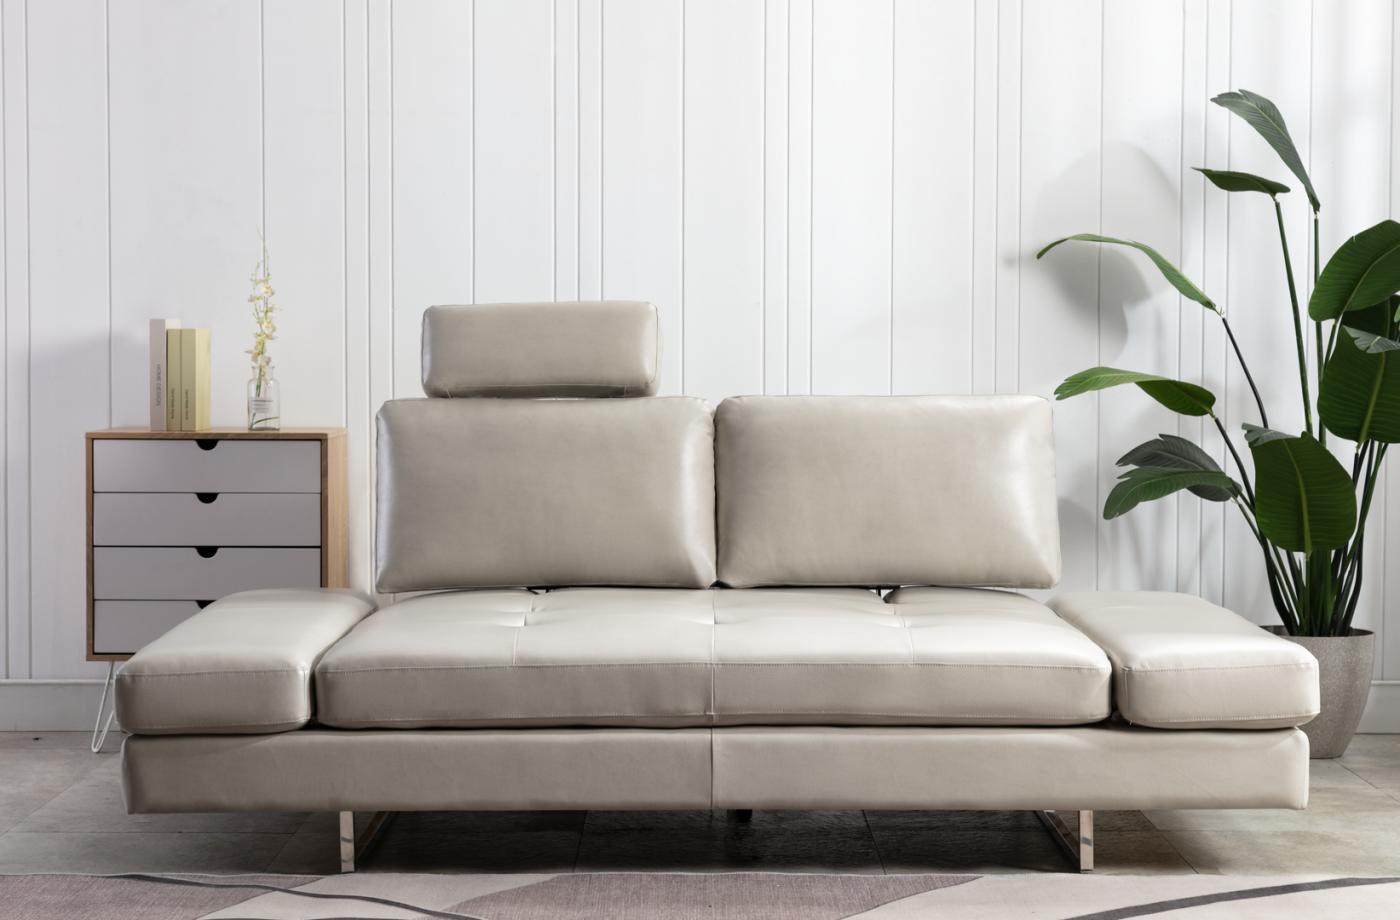 imagen 1 tipos de muebles